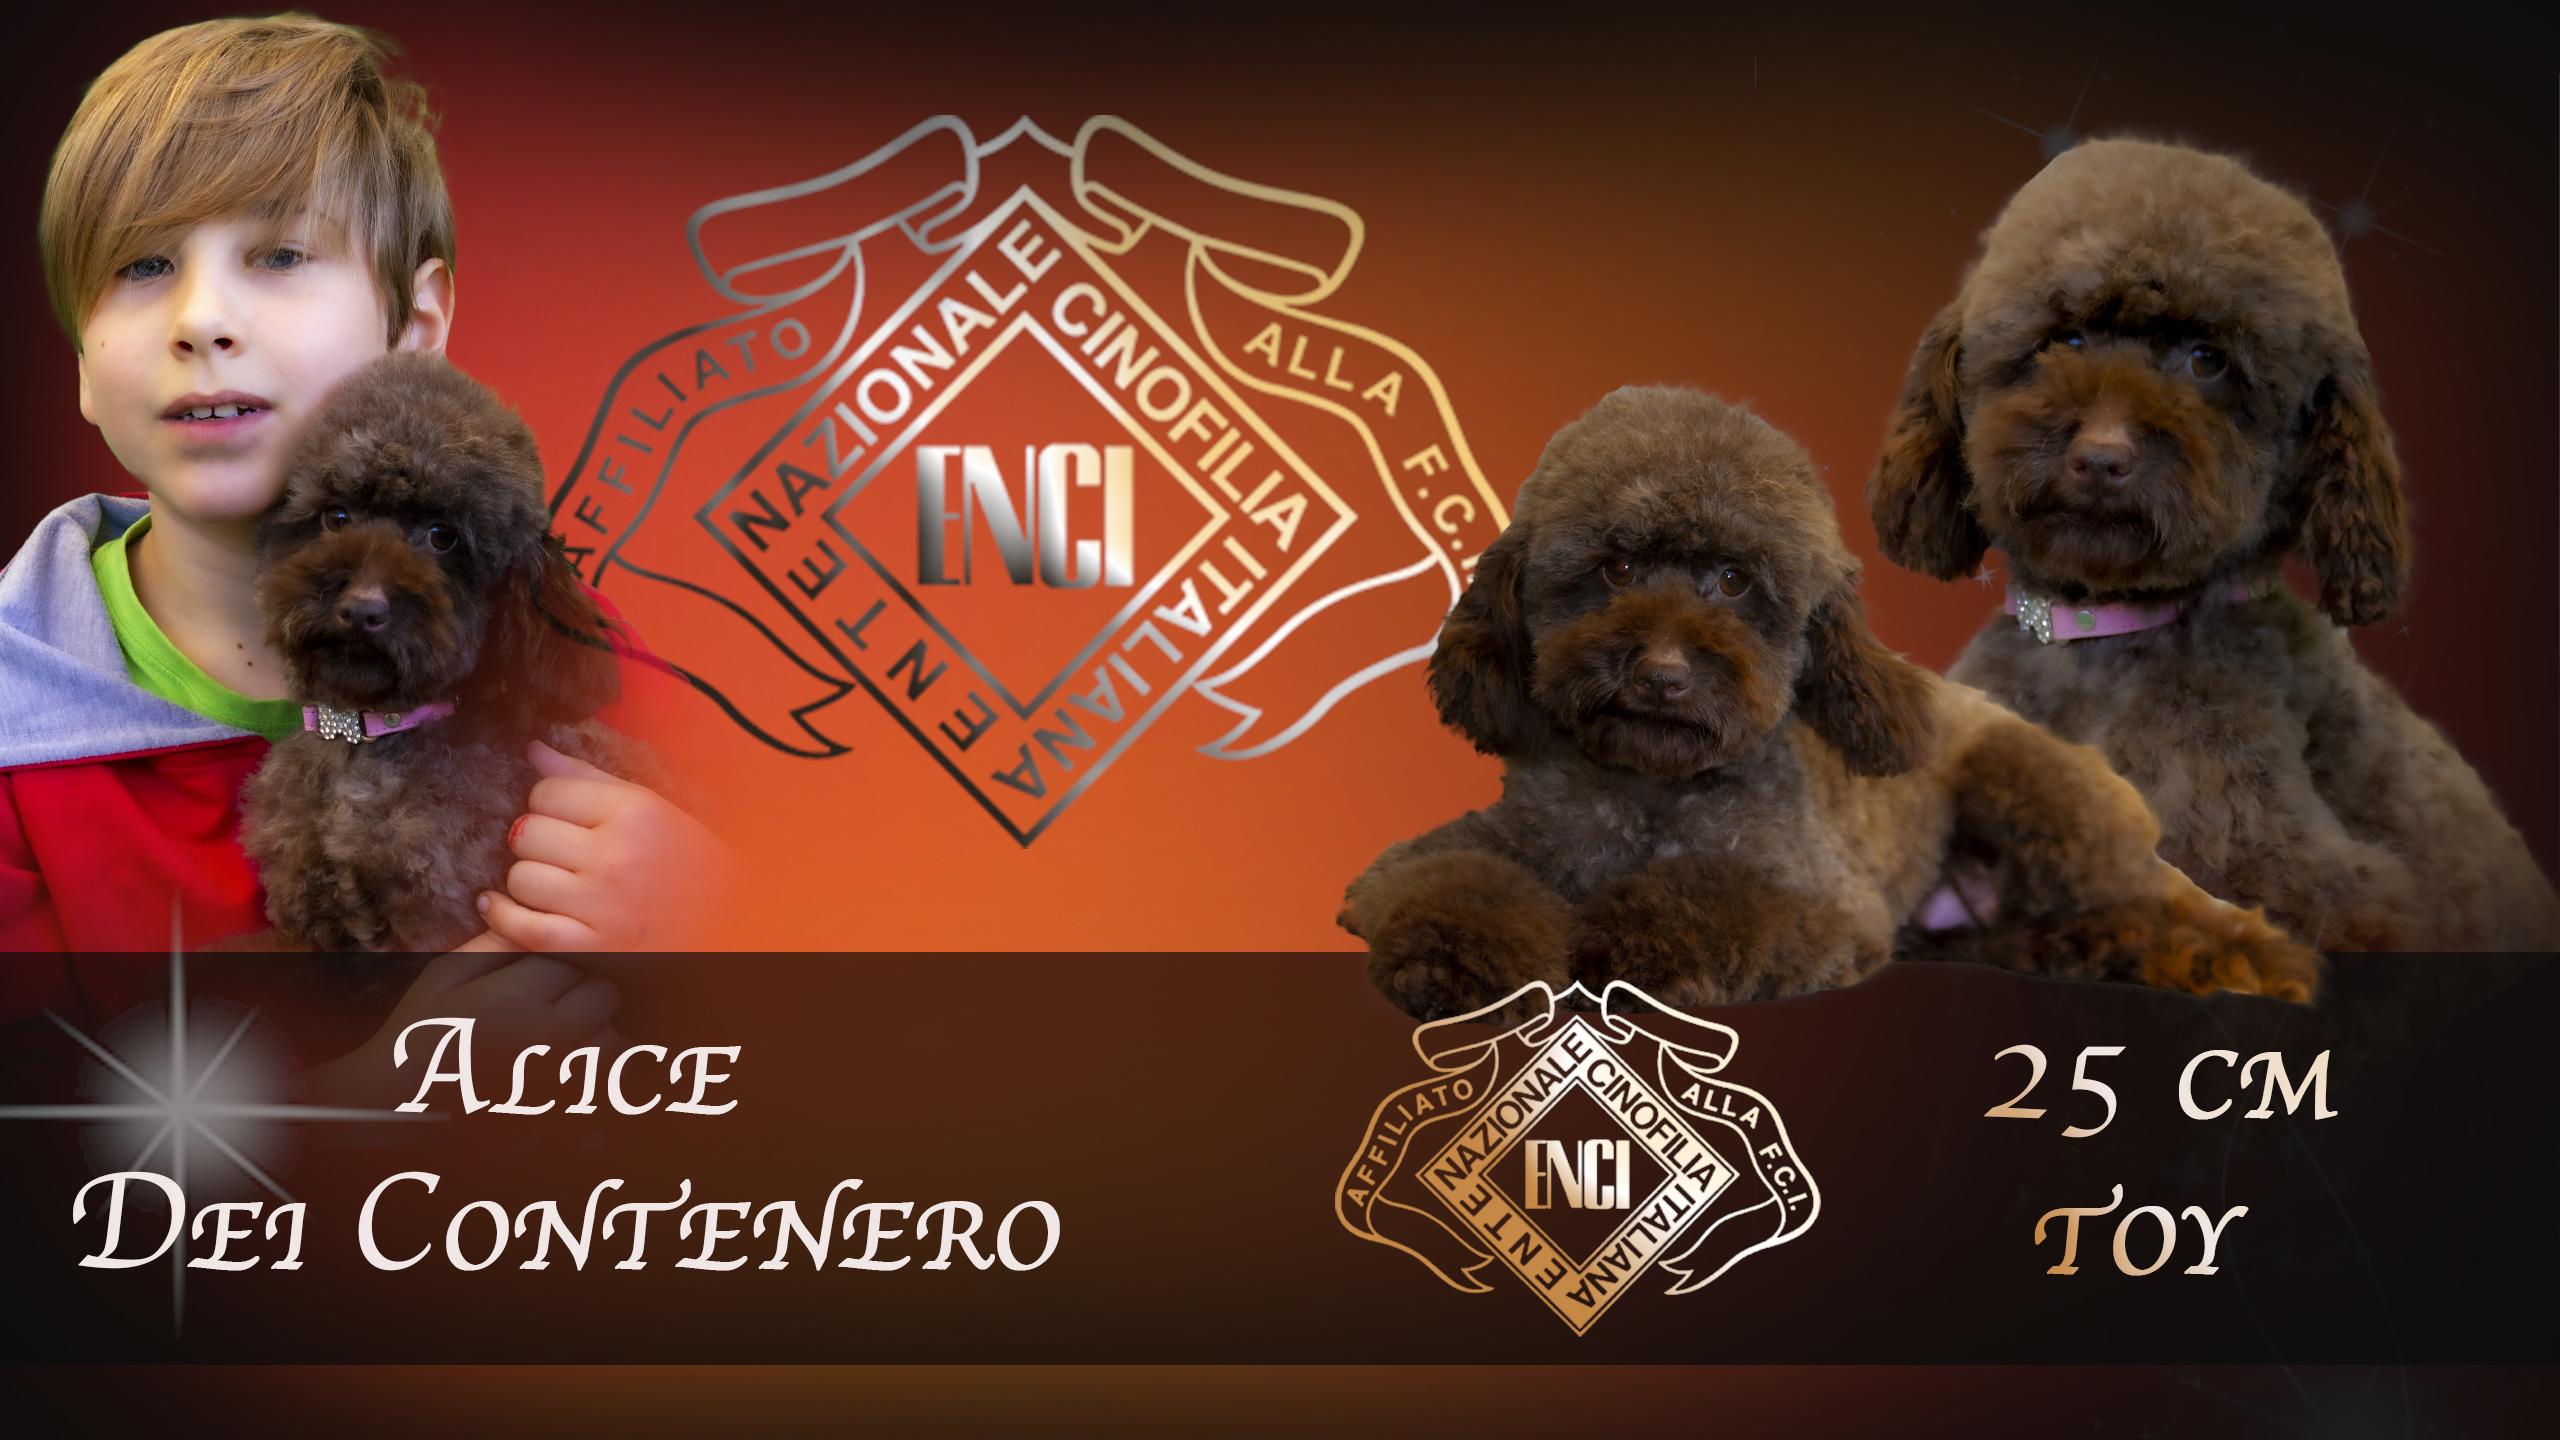 Alice Del Contenero  TOY 25 CM  ***ENTRA***